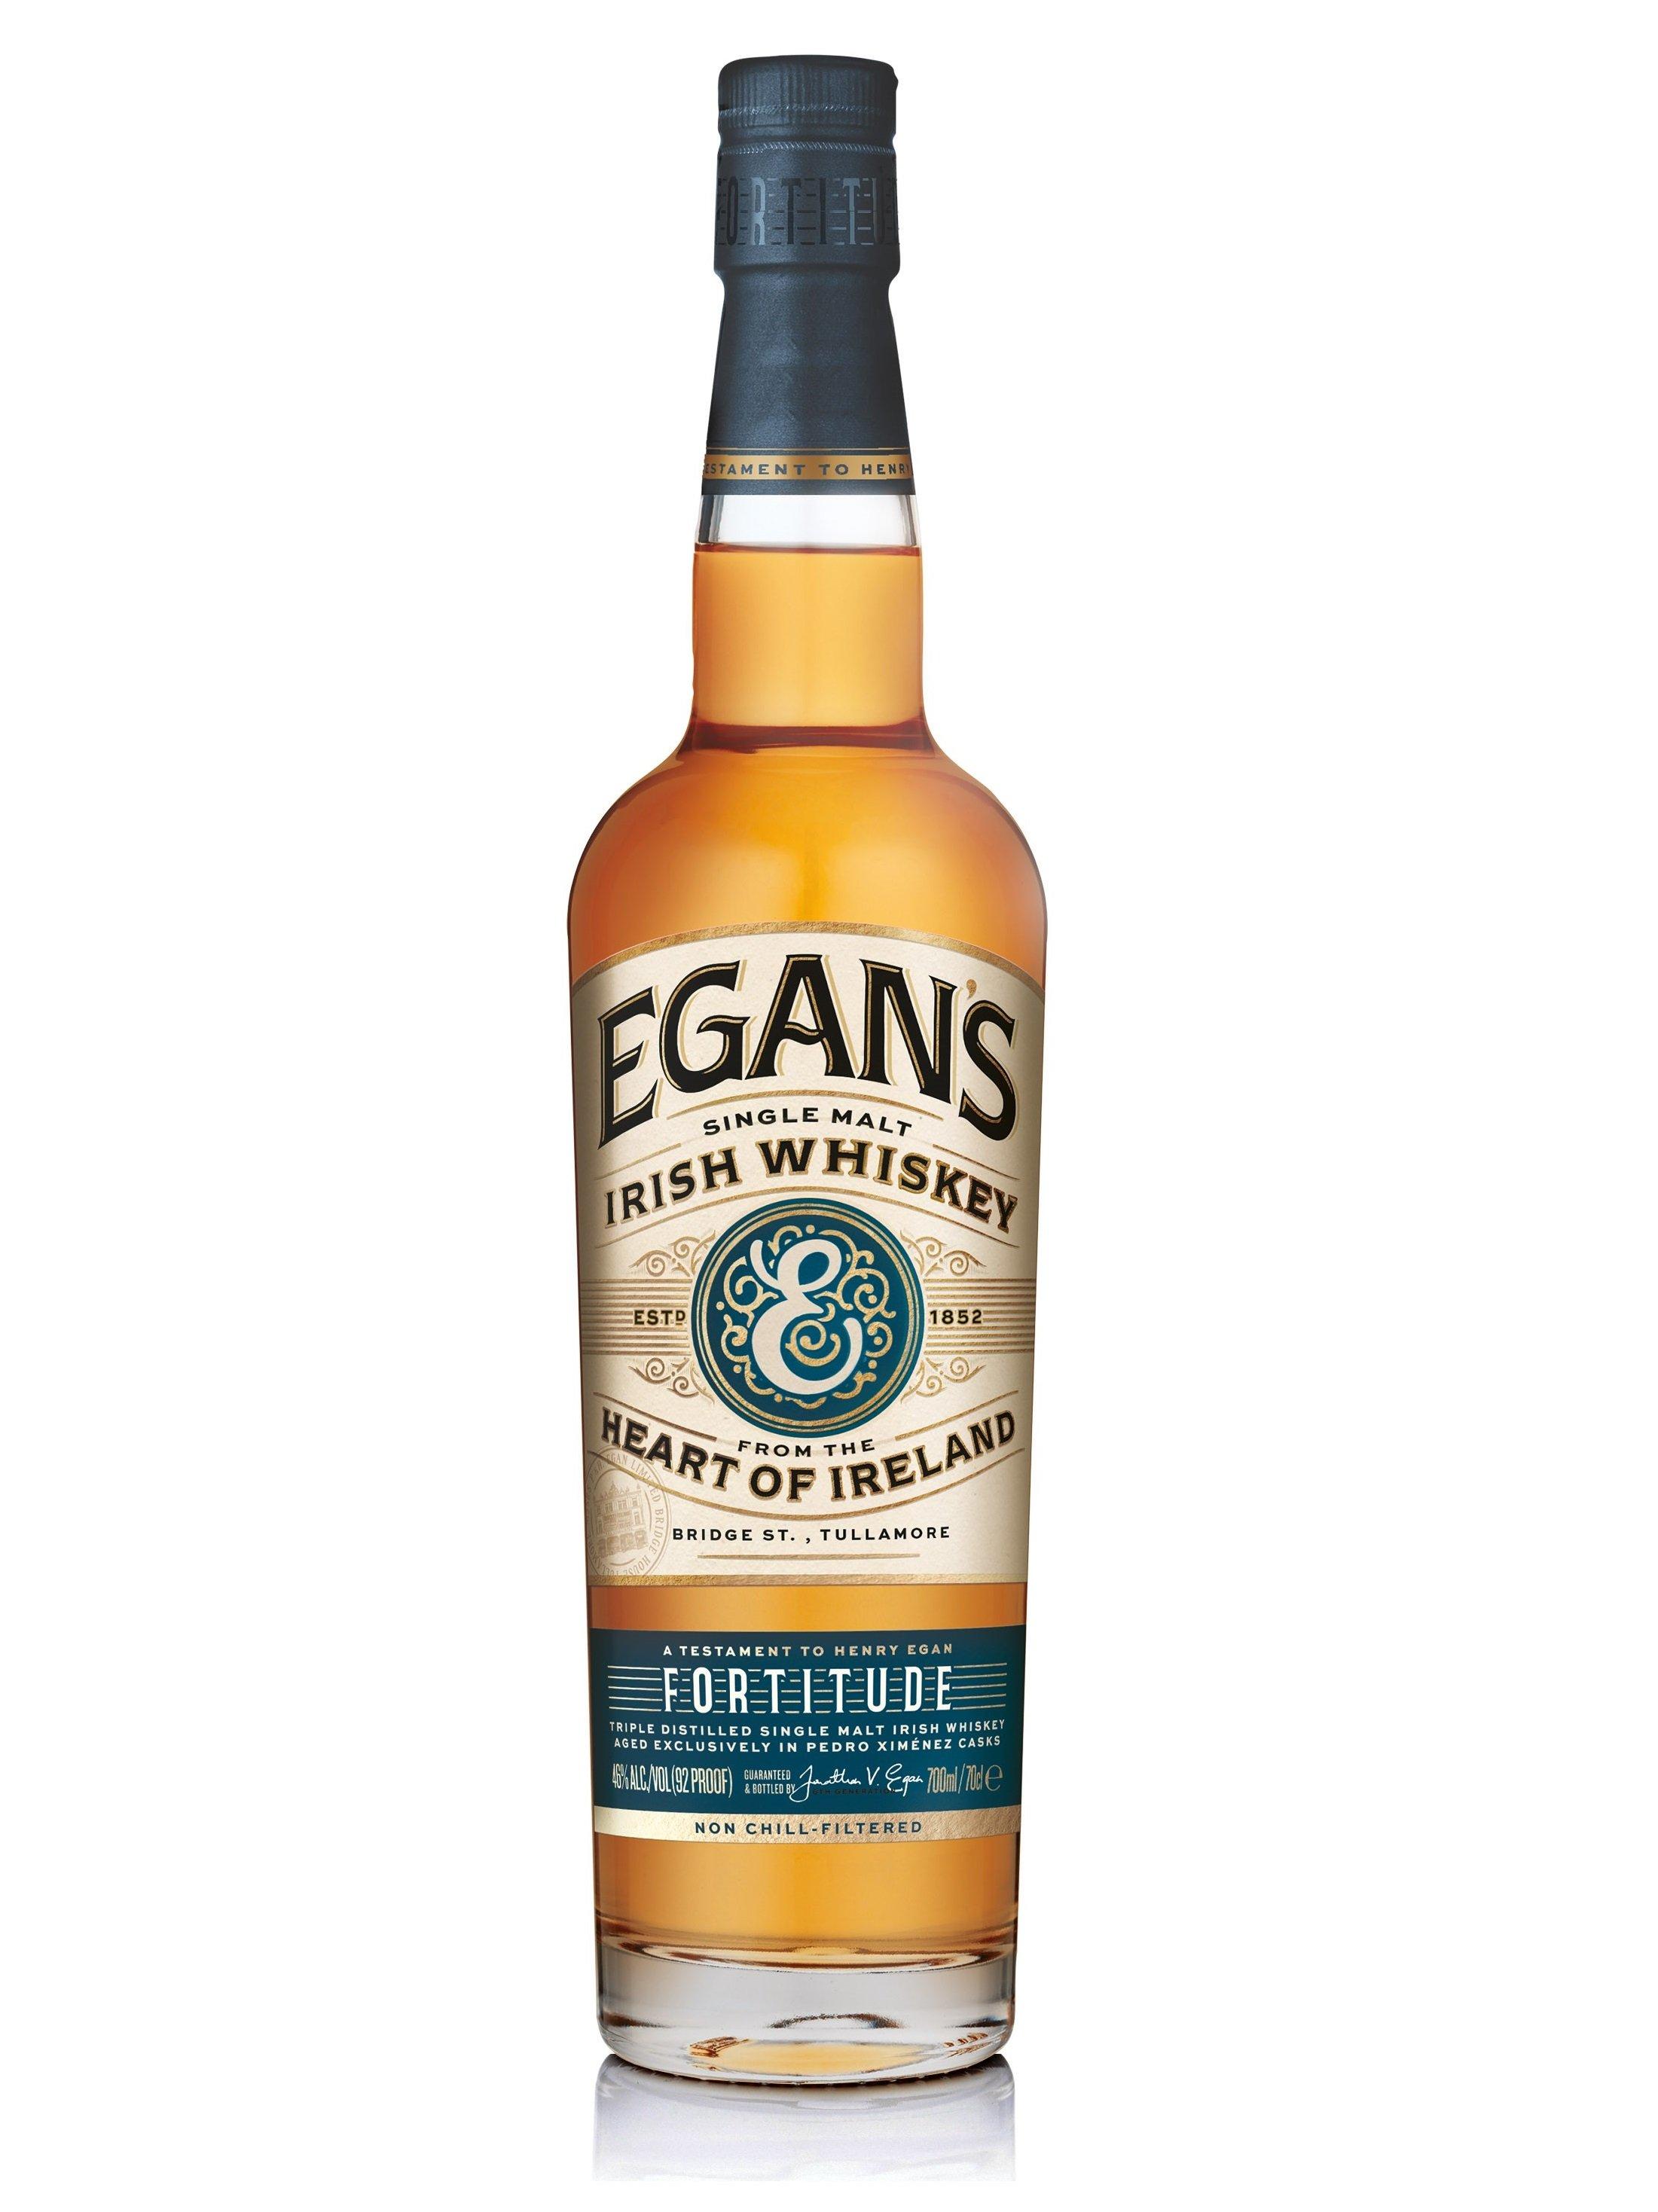 Egan's Fortitude Single Malt Irish Whiskey